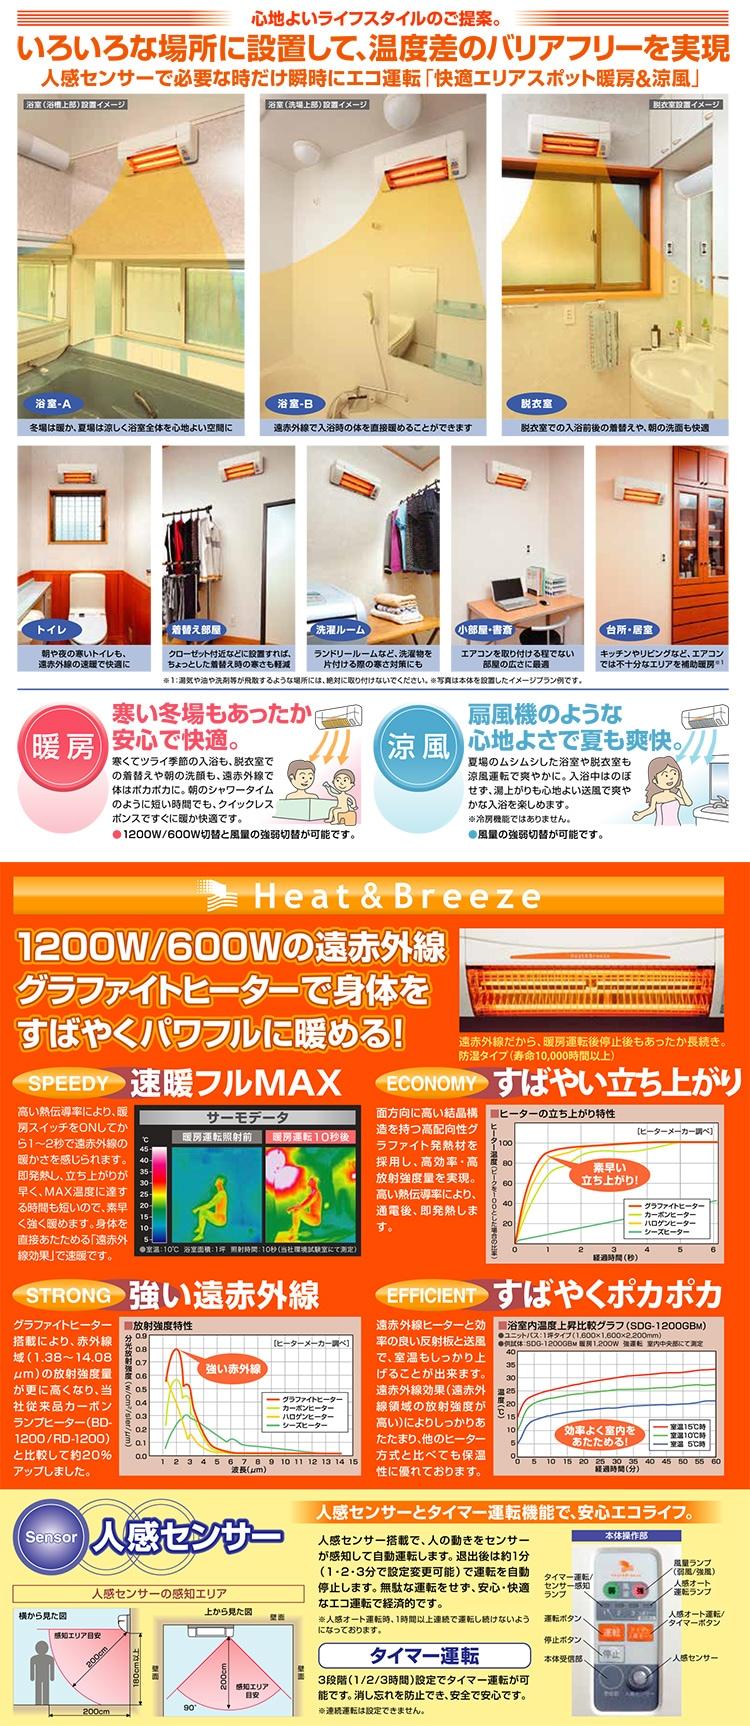 高須産業 涼風暖房機 SDG-1200GSM特長紹介